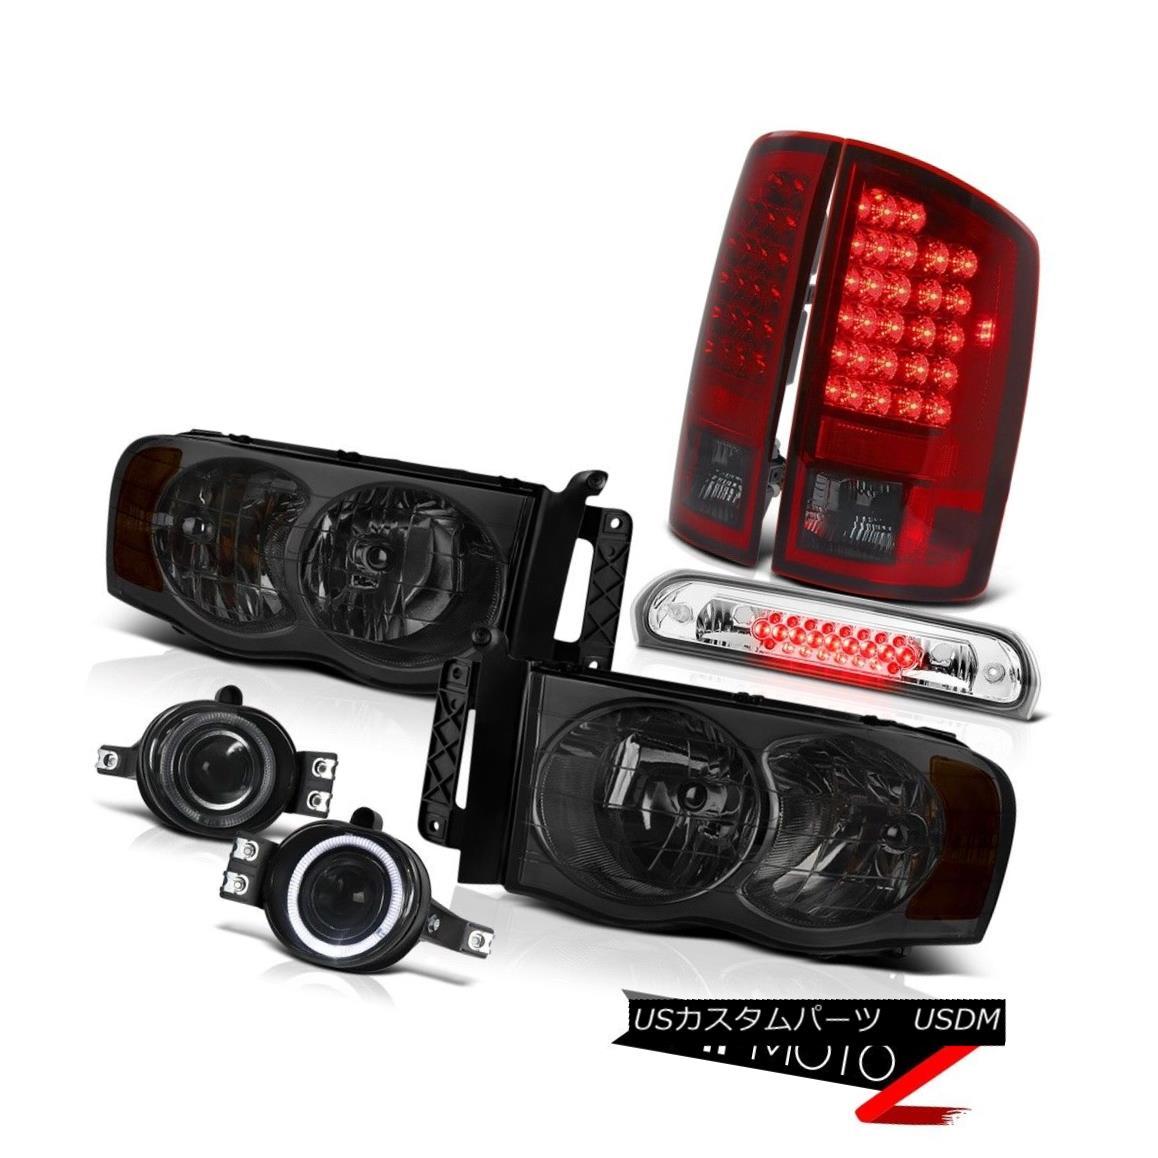 テールライト 02-05 Ram ST Smoke Headlights LEFT RIGHT Red LED Tail Lights Fog 3rd Brake Cargo 02-05 Ram ST煙ヘッドライトLEFT RIGHTレッドLEDテールライトフォグ3rdブレーキ貨物